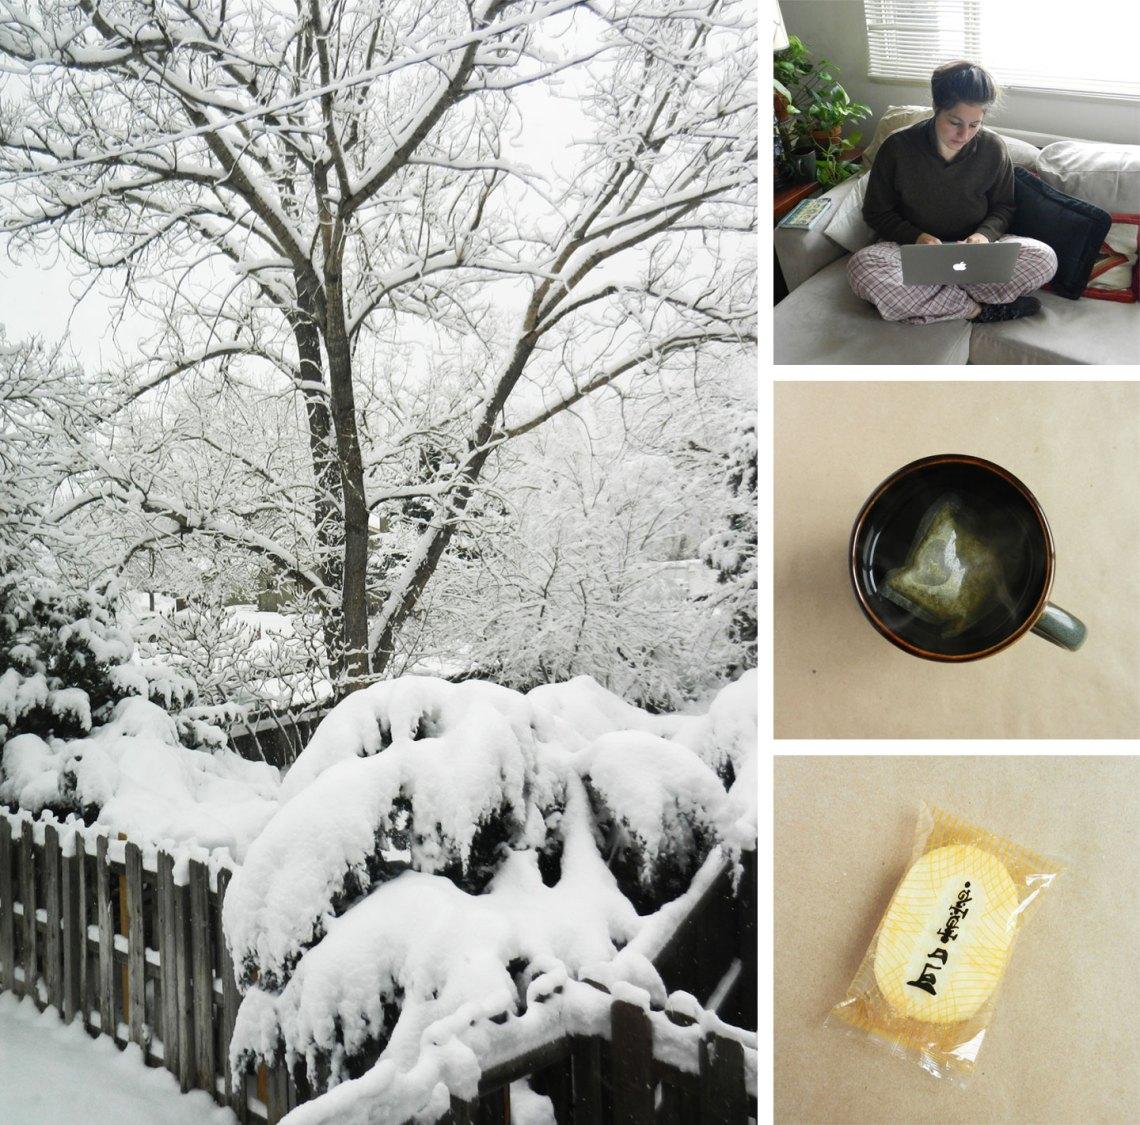 Boulder, CO Winter Wonderland | The Postman's Knock